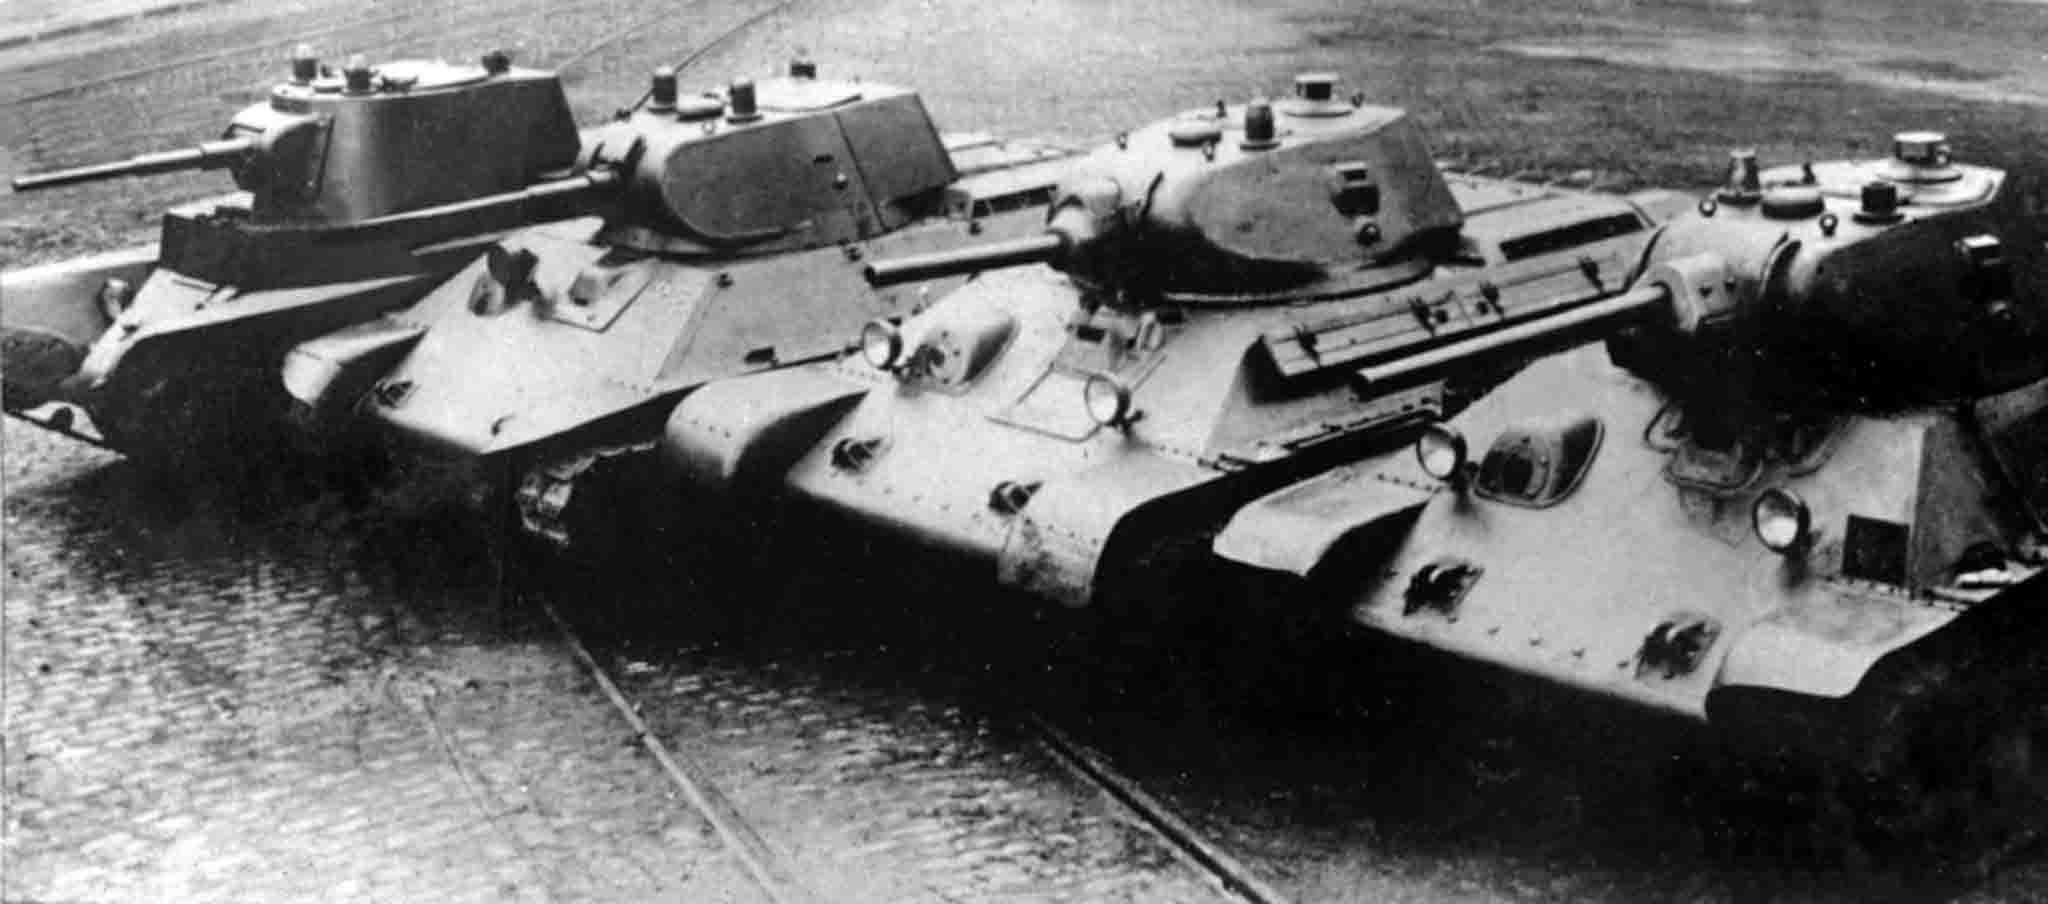 BT-7, A-20, T-34